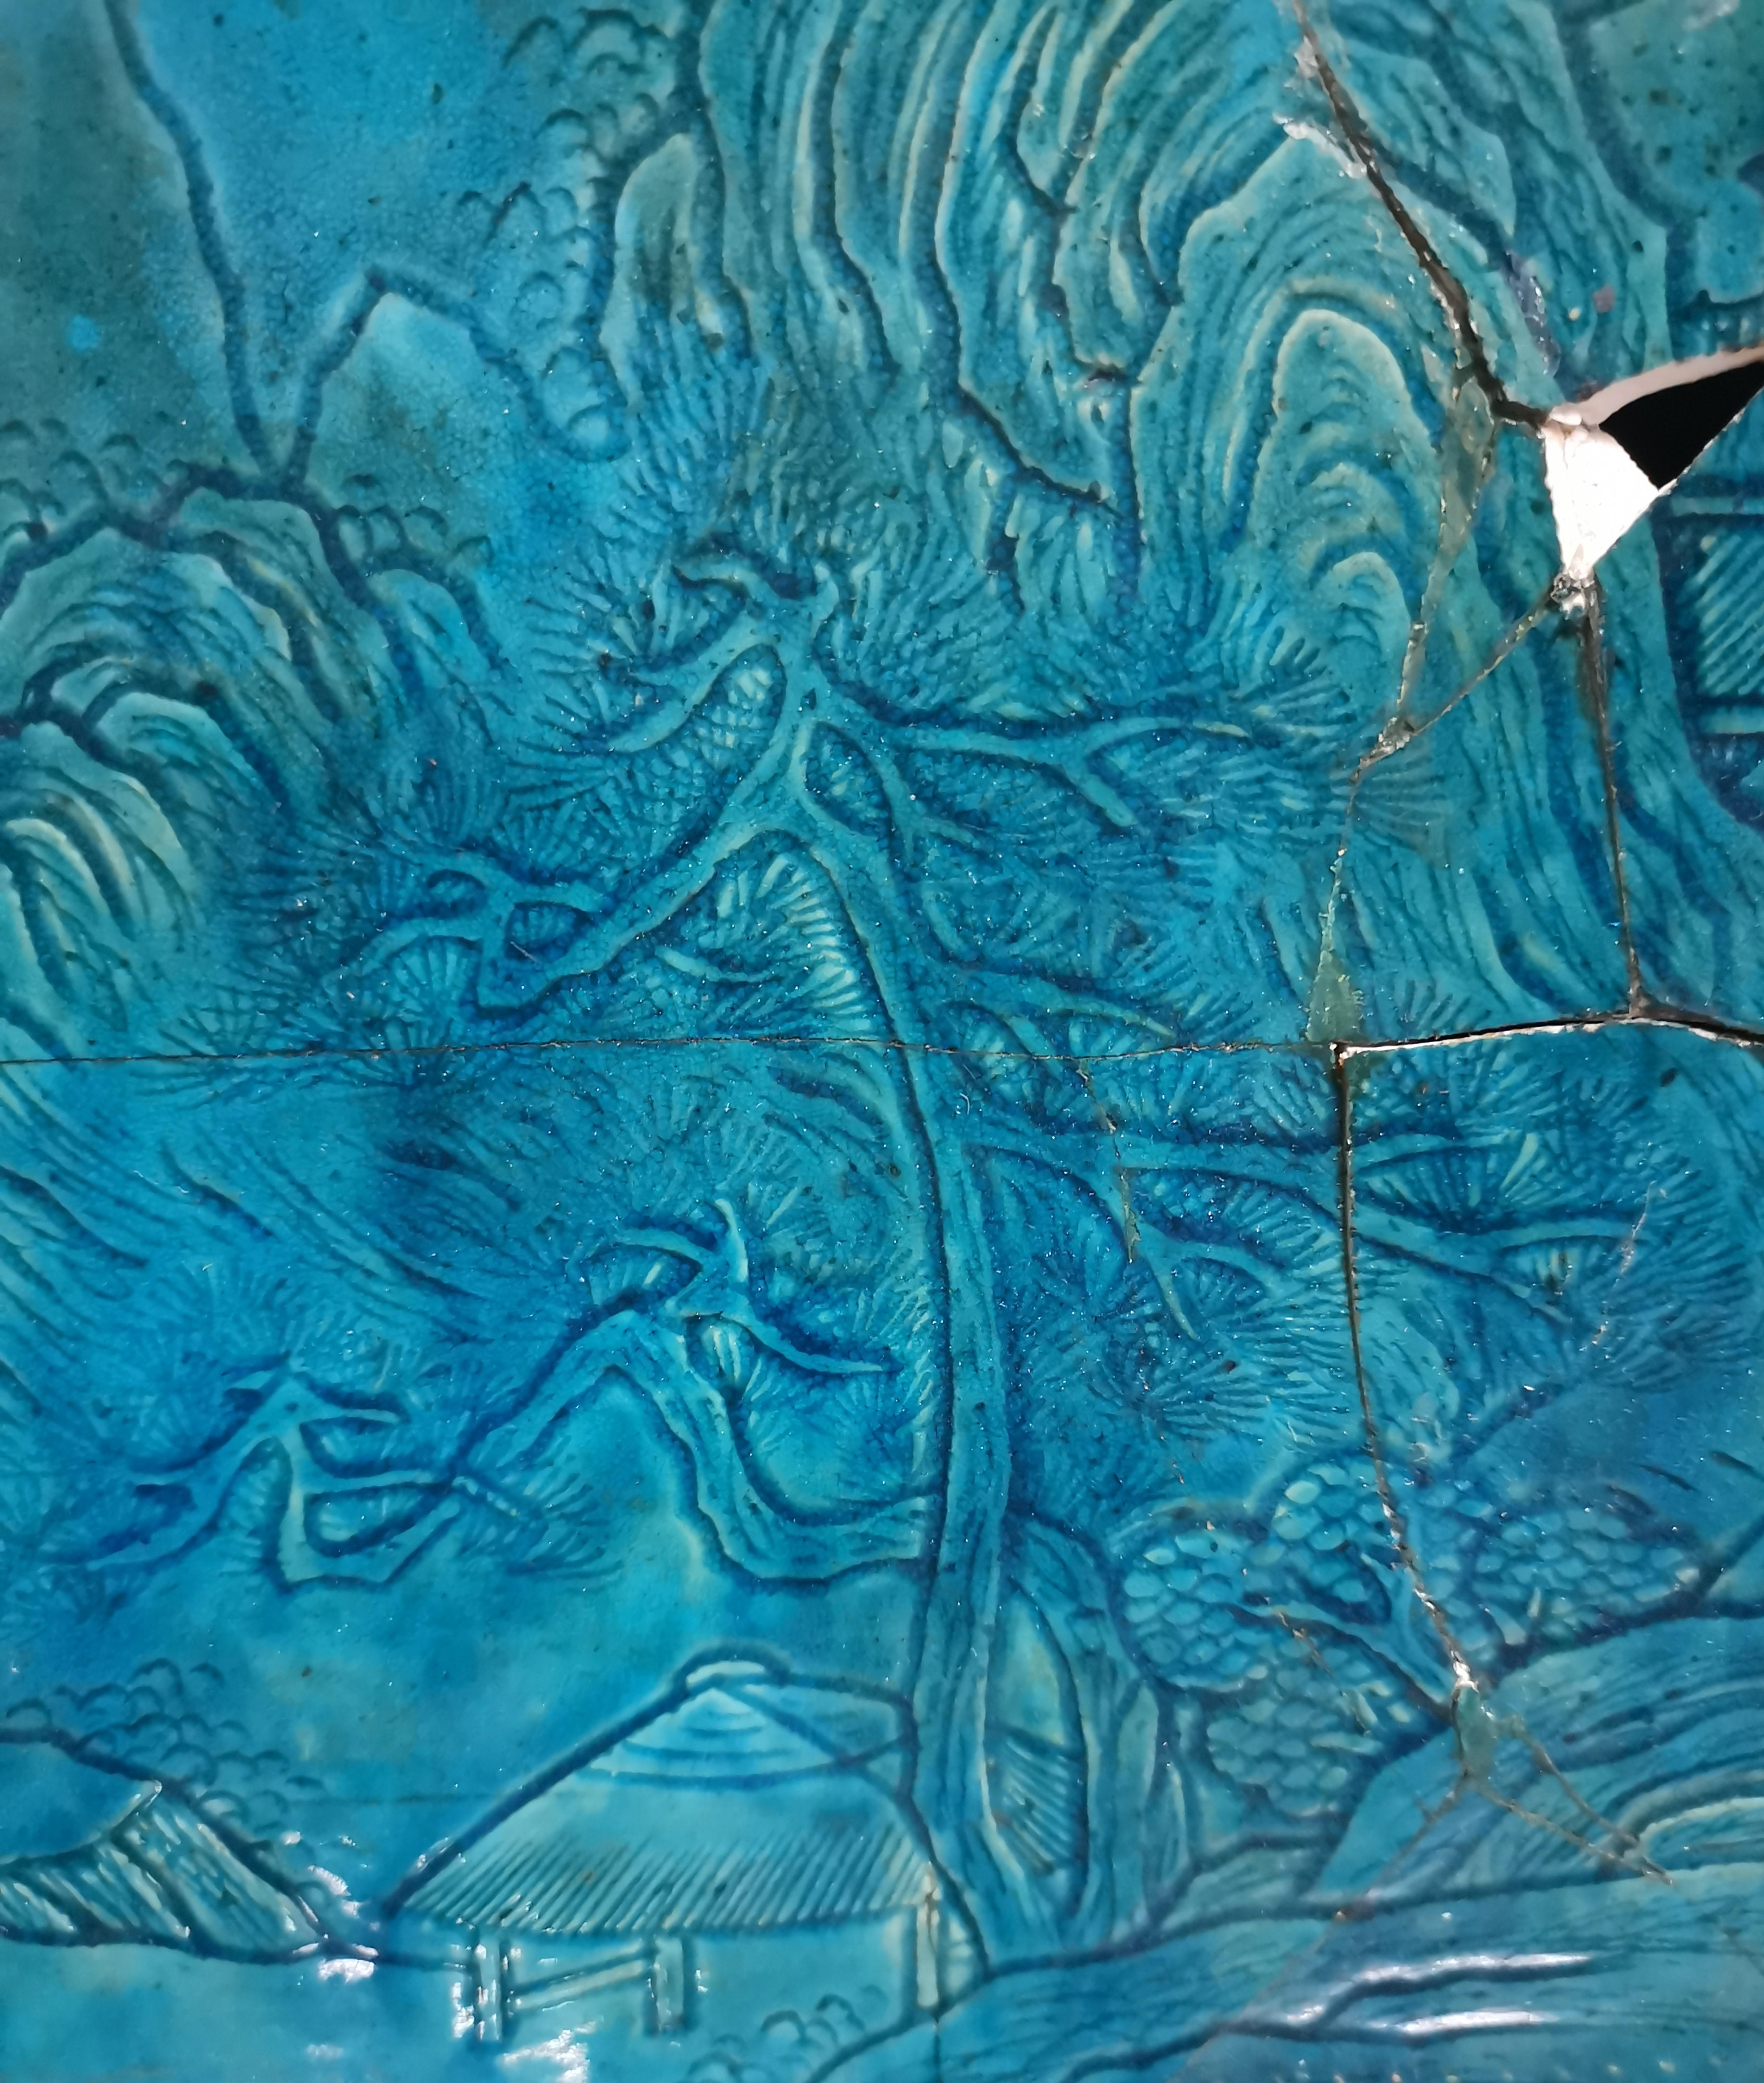 Lot 39 - Plaque en grès émaillé turquoise. Chine, époque Kangxi (1662-1722). [...]